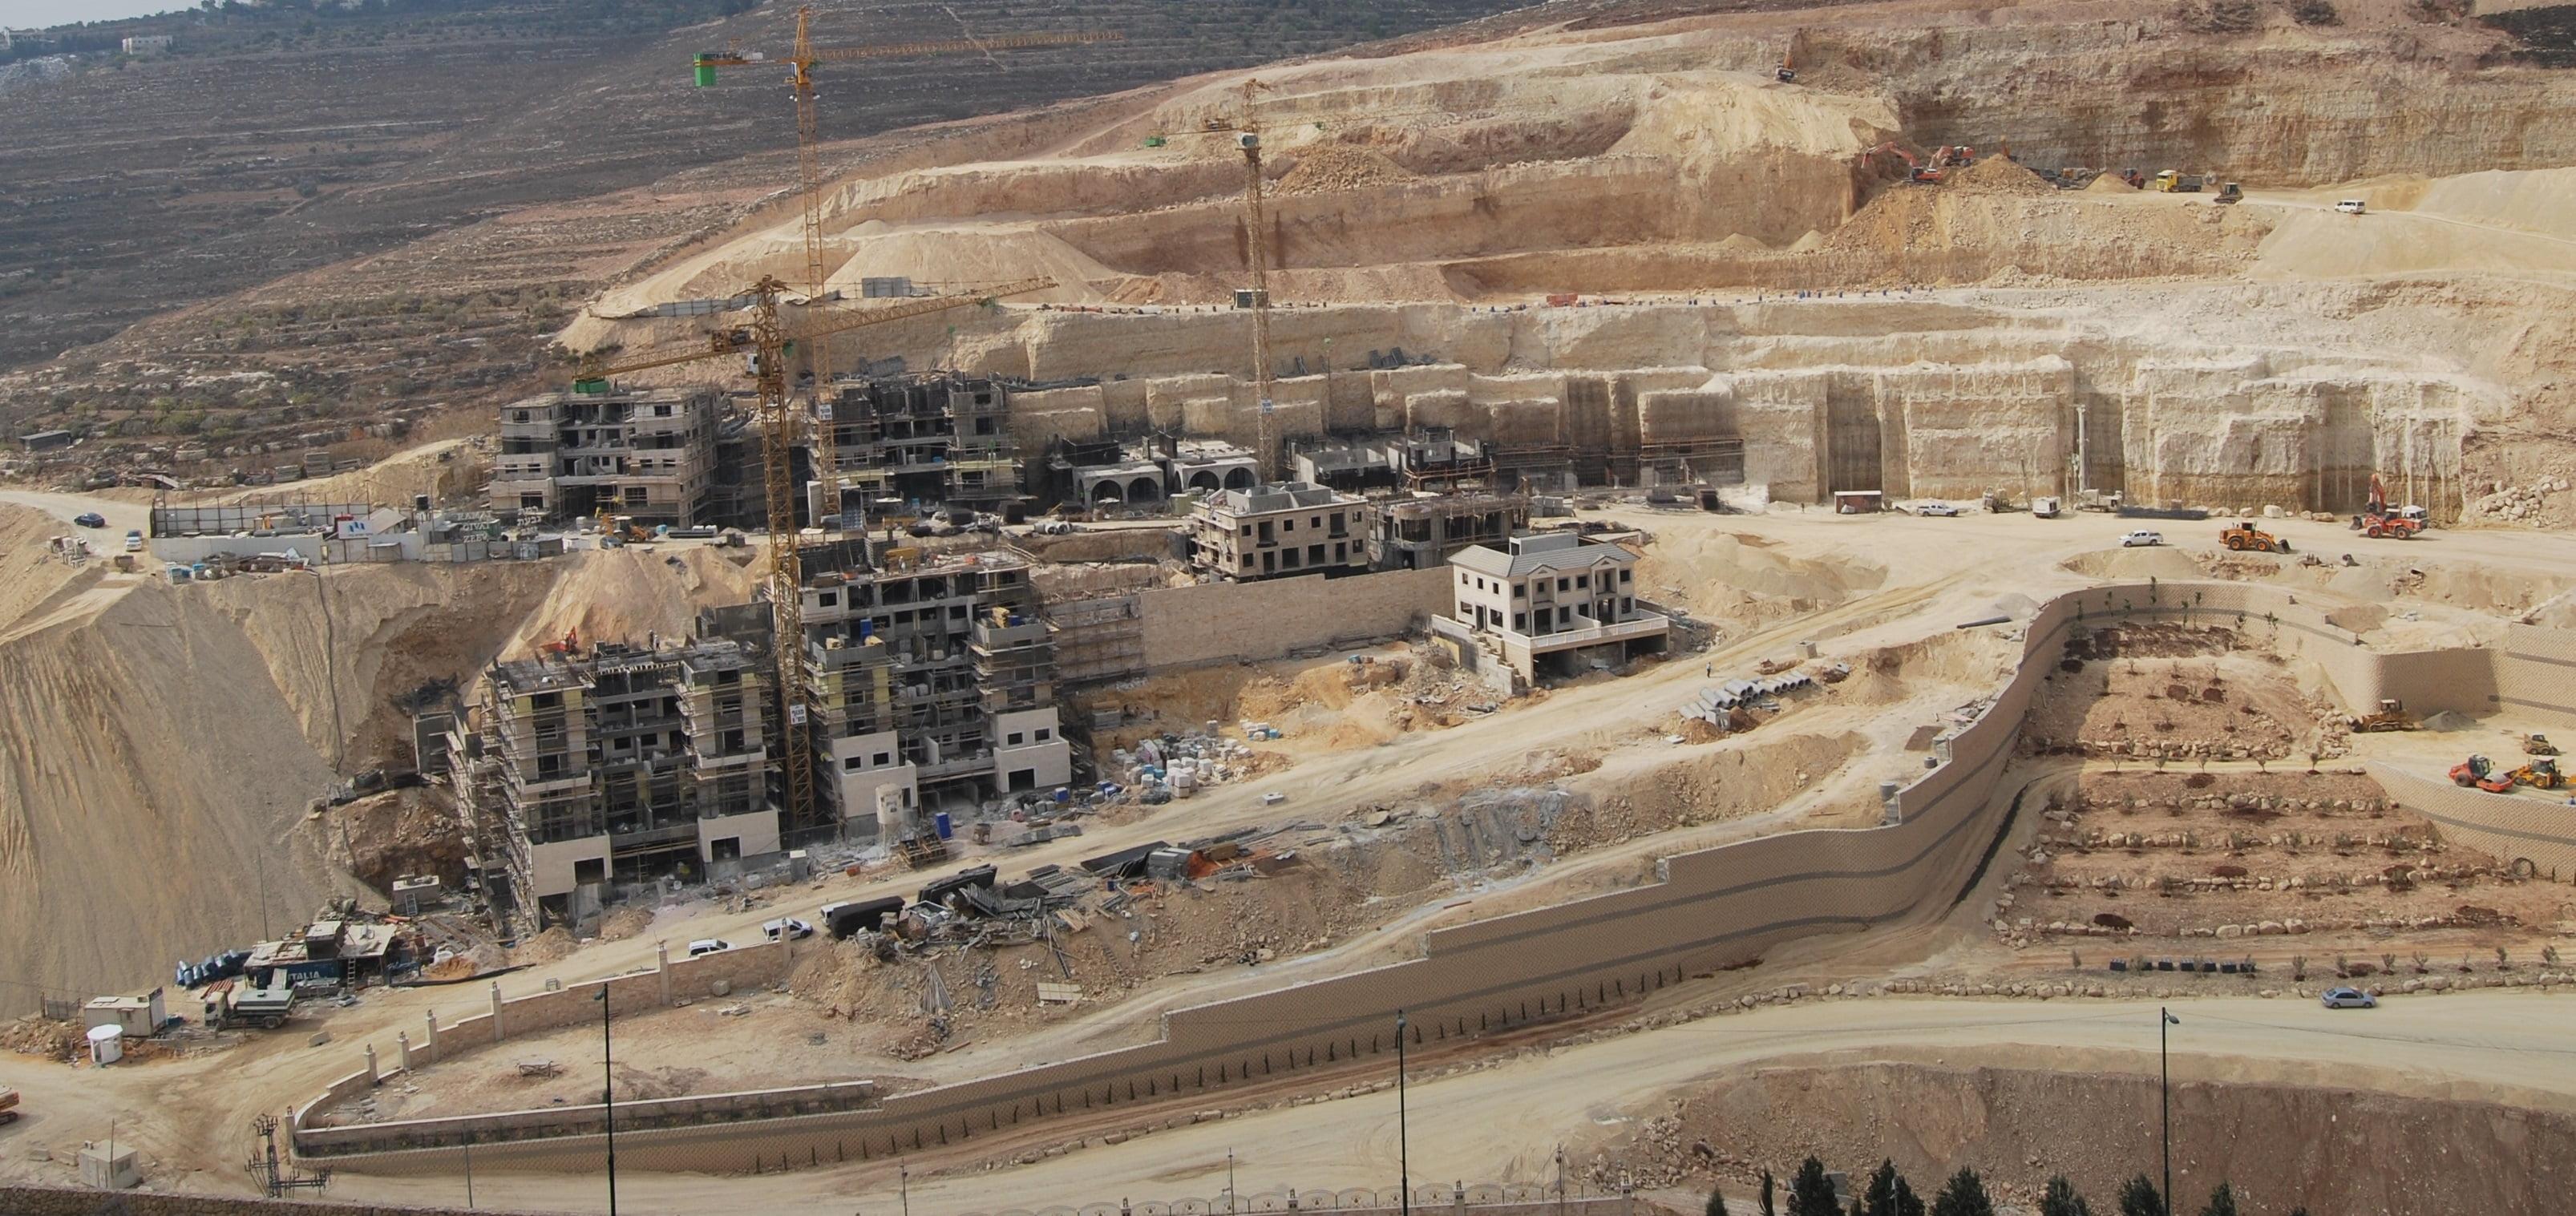 ISRALAND vend des terrains à 200 mètres de ce projet faramineux.